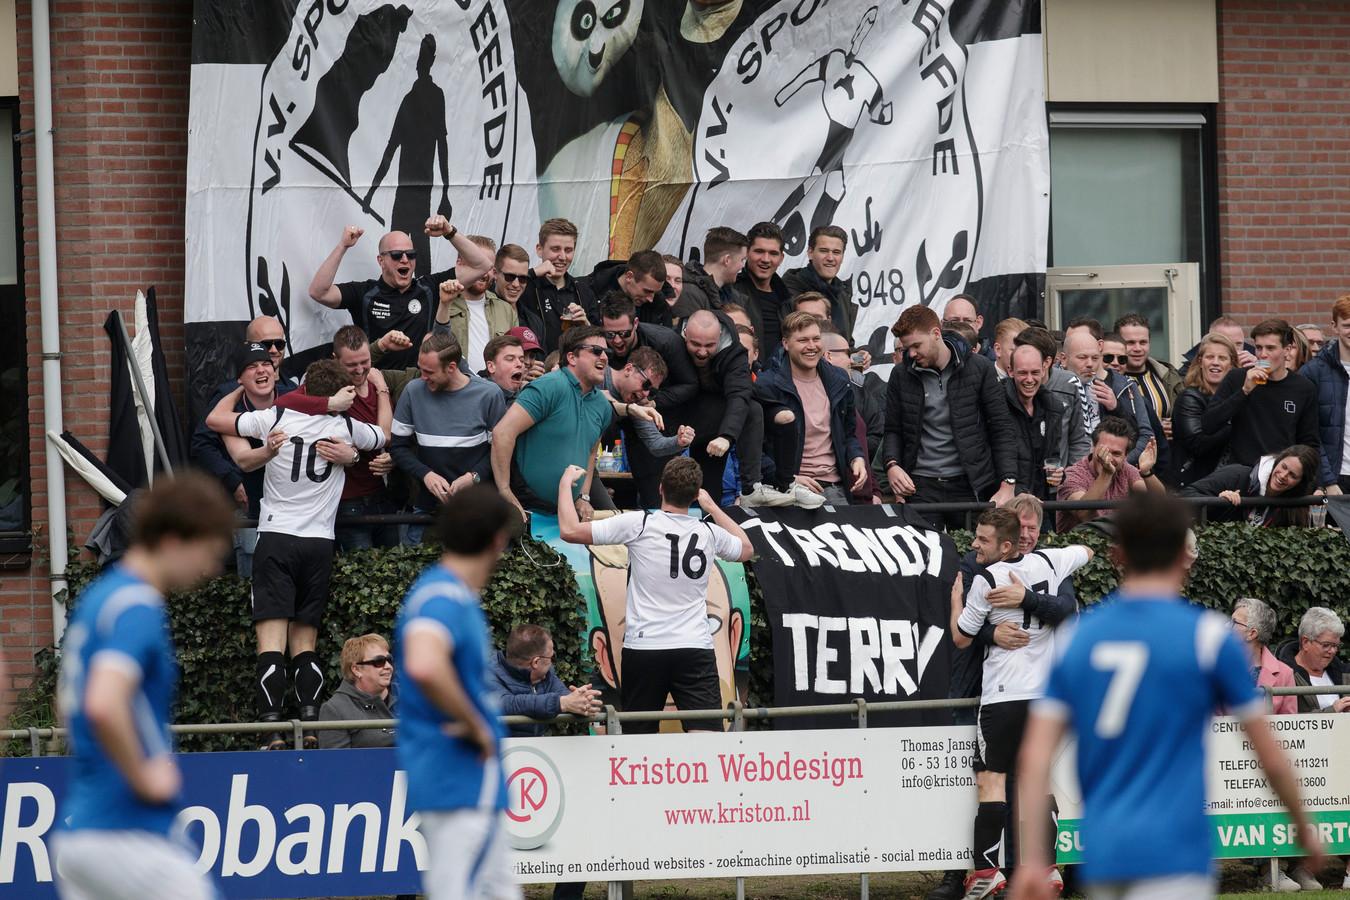 Eefde neemt het zaterdag in 3A op tegen FC Zutphen. Het is een van de vele derby's die komend weekend gespeeld gaan worden.